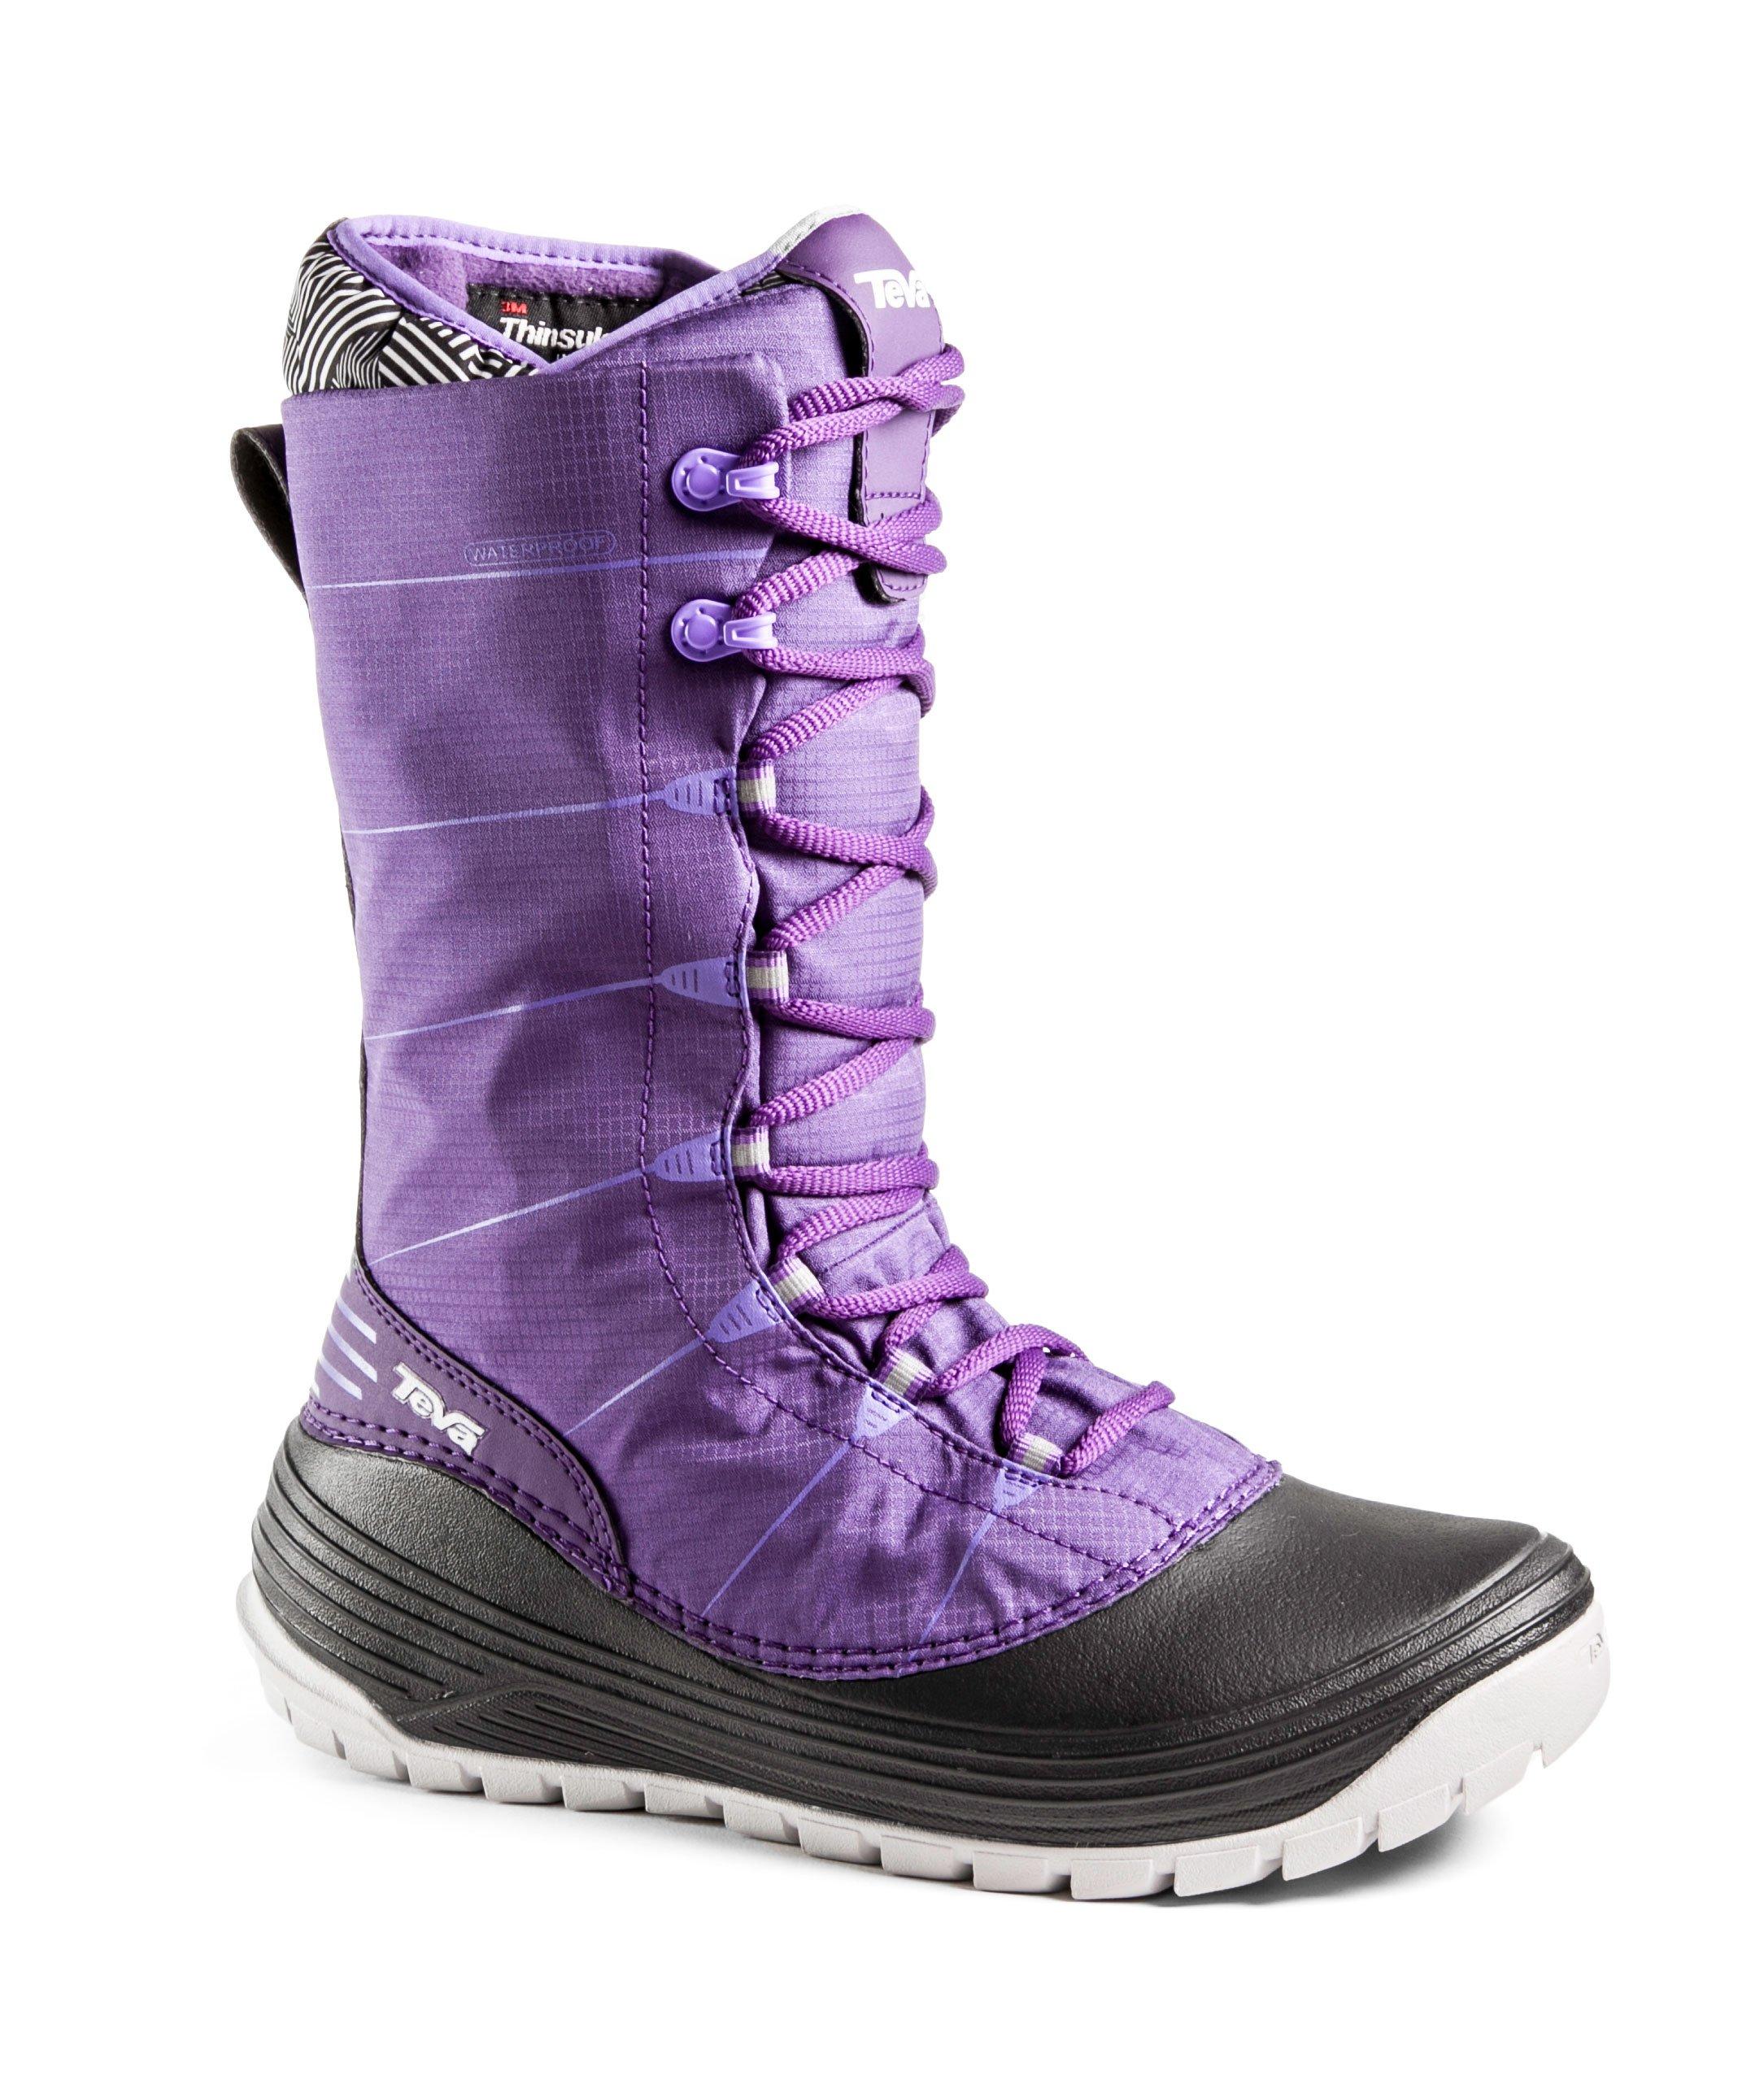 Teva – Teva jordanelle 2 wp damestøvle fra billigsport24